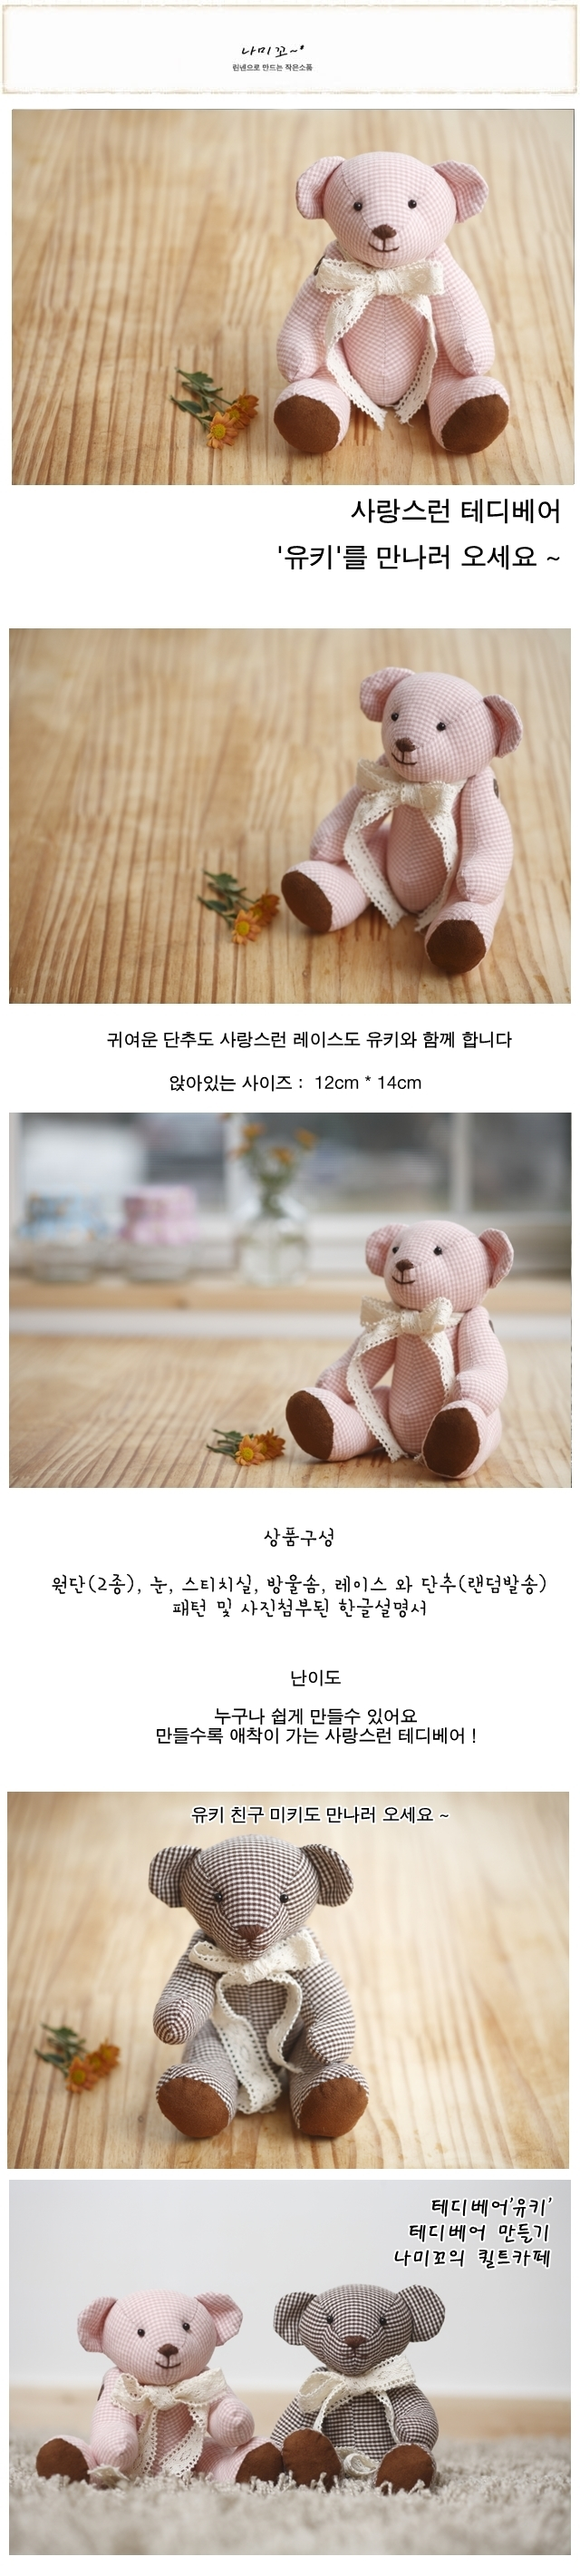 유키-테디베어만들기-곰인형만들기 - 나미꼬의퀼트카페, 13,890원, 퀼트/원단공예, 인형 패키지